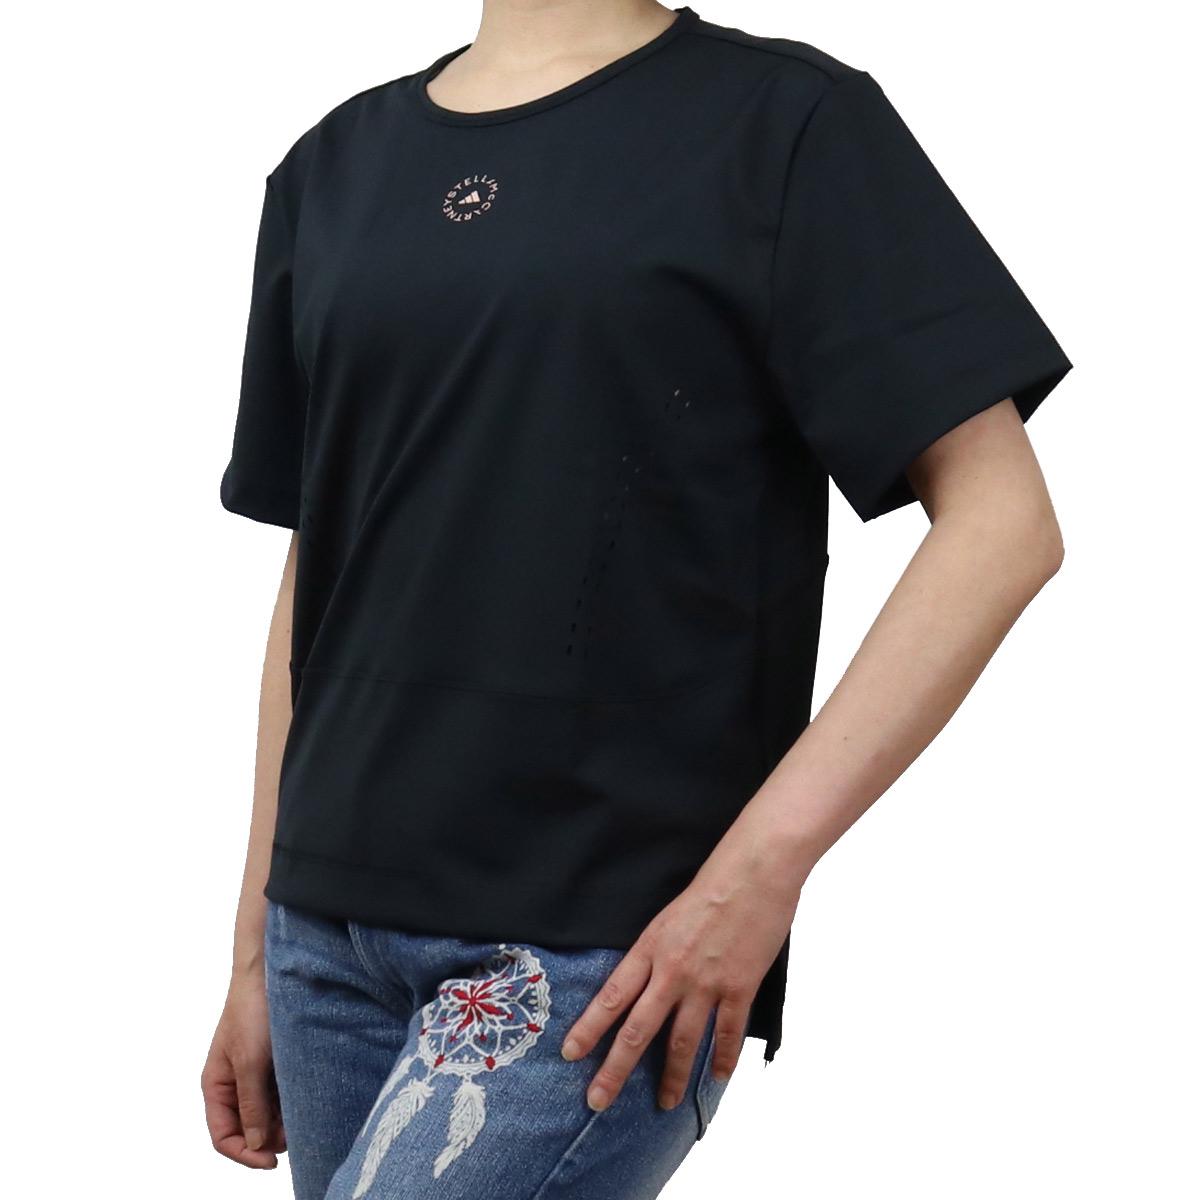 アディダスバイステラマッカートニー ADIDAS BY STELLA MCCARTNY レディース-Tシャツ アディダス コラボ adidas FU1585 ブラック bos-01 apparel-01  レディース ts-01